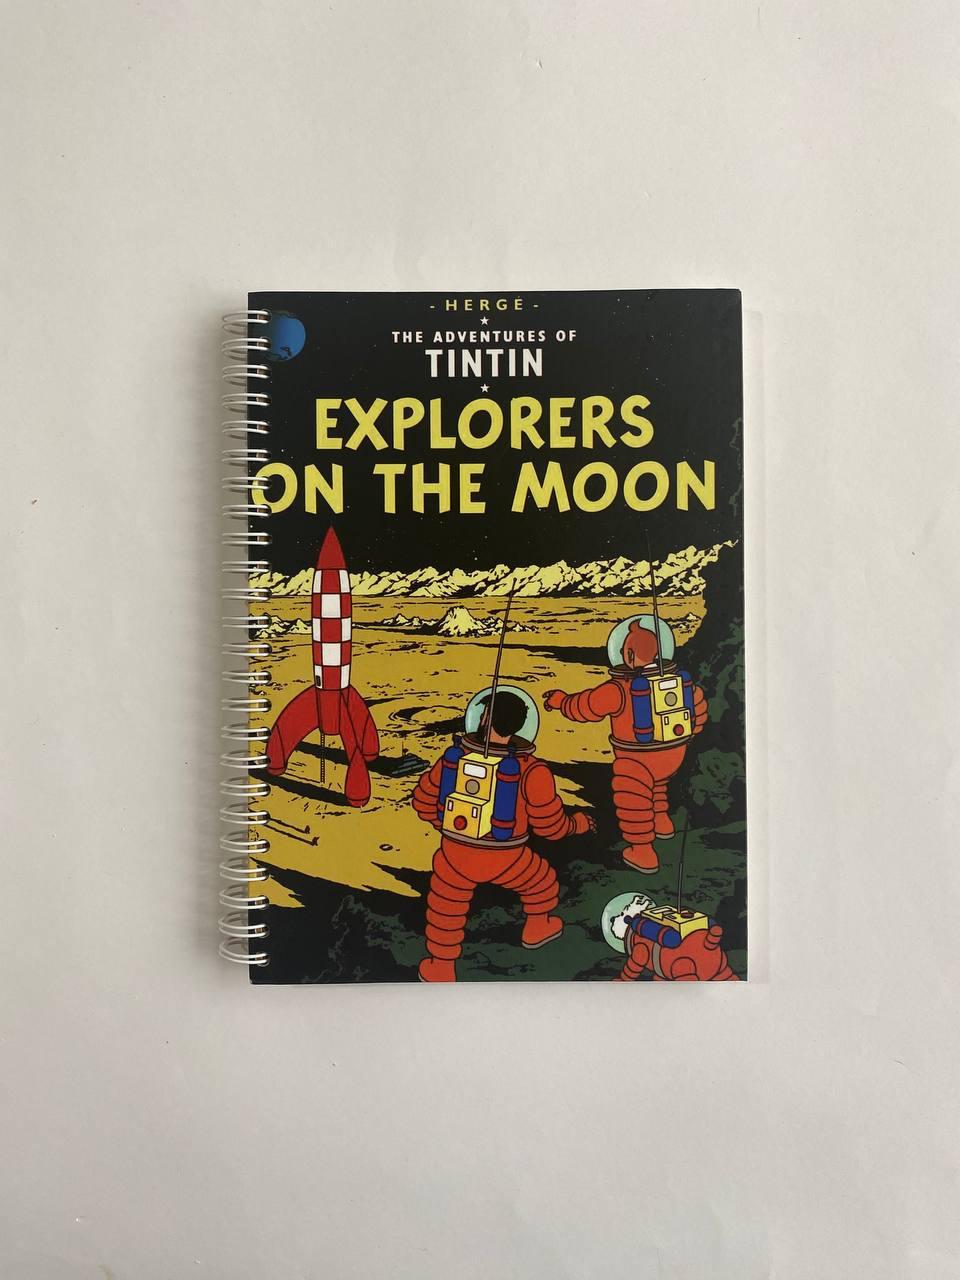 دفتر بولت ژورنال فانتزی تن تن سفر به ماه